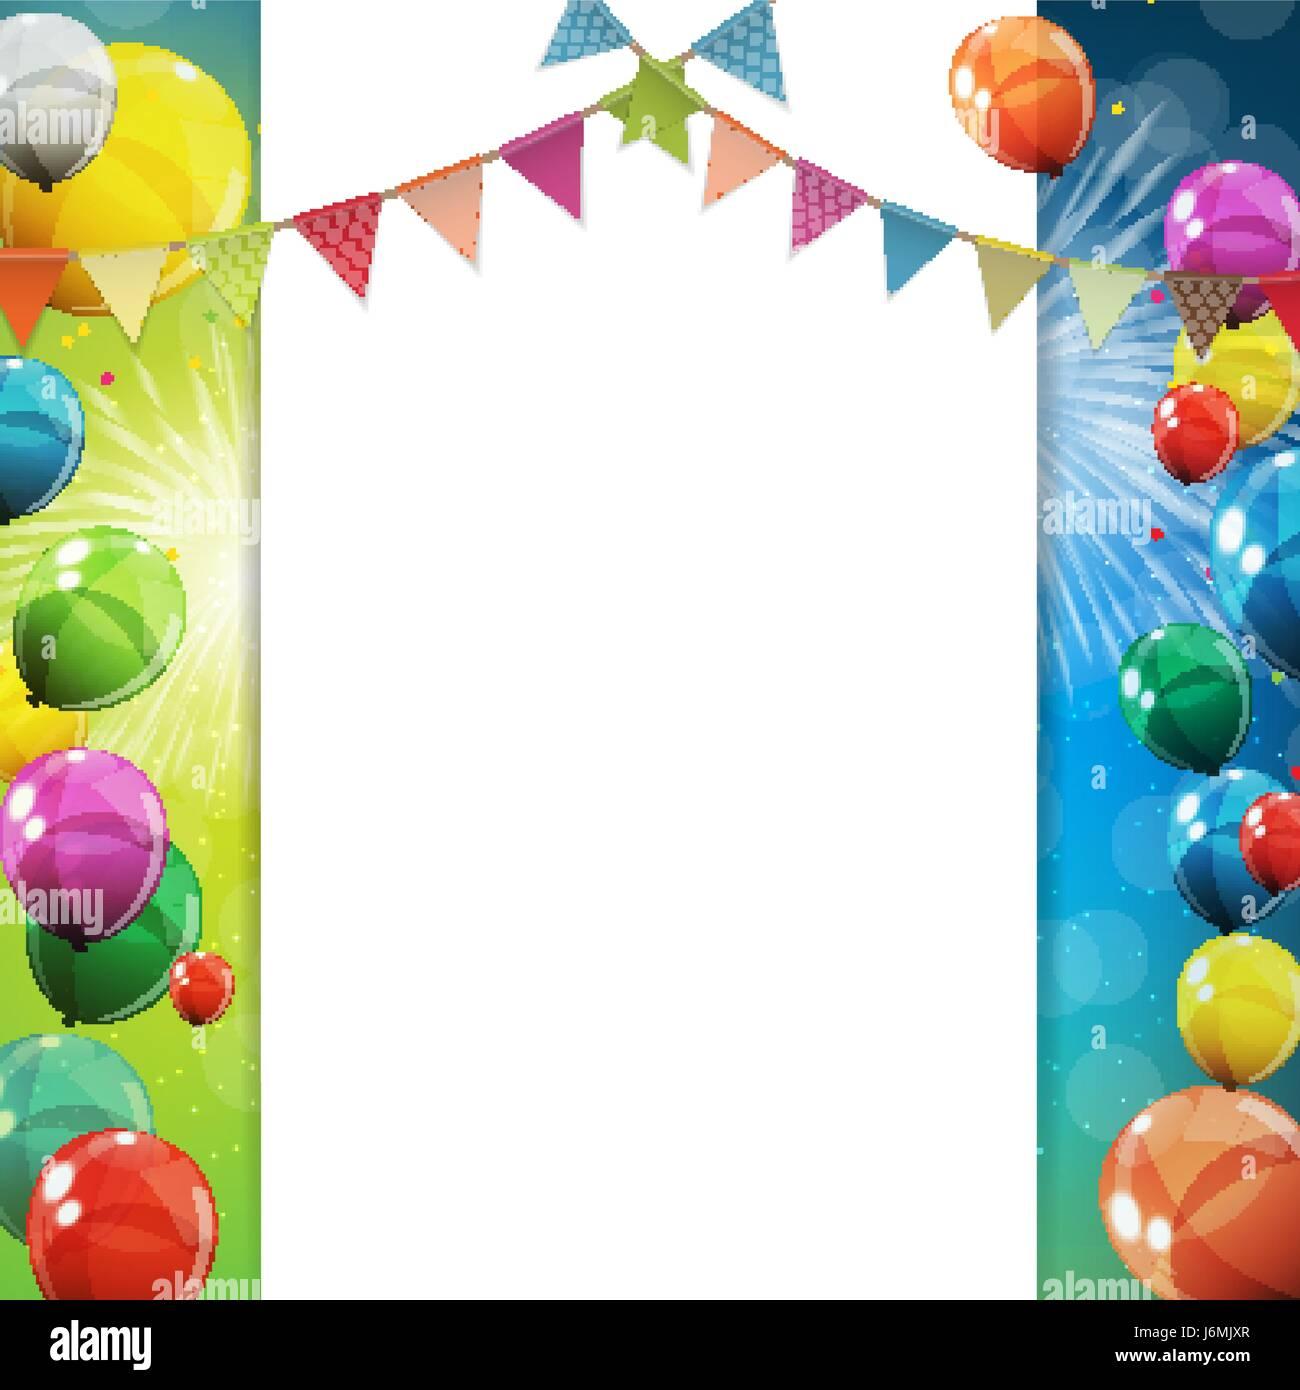 Party Balloons Air Celebration Vector Stockfotos & Party Balloons ...